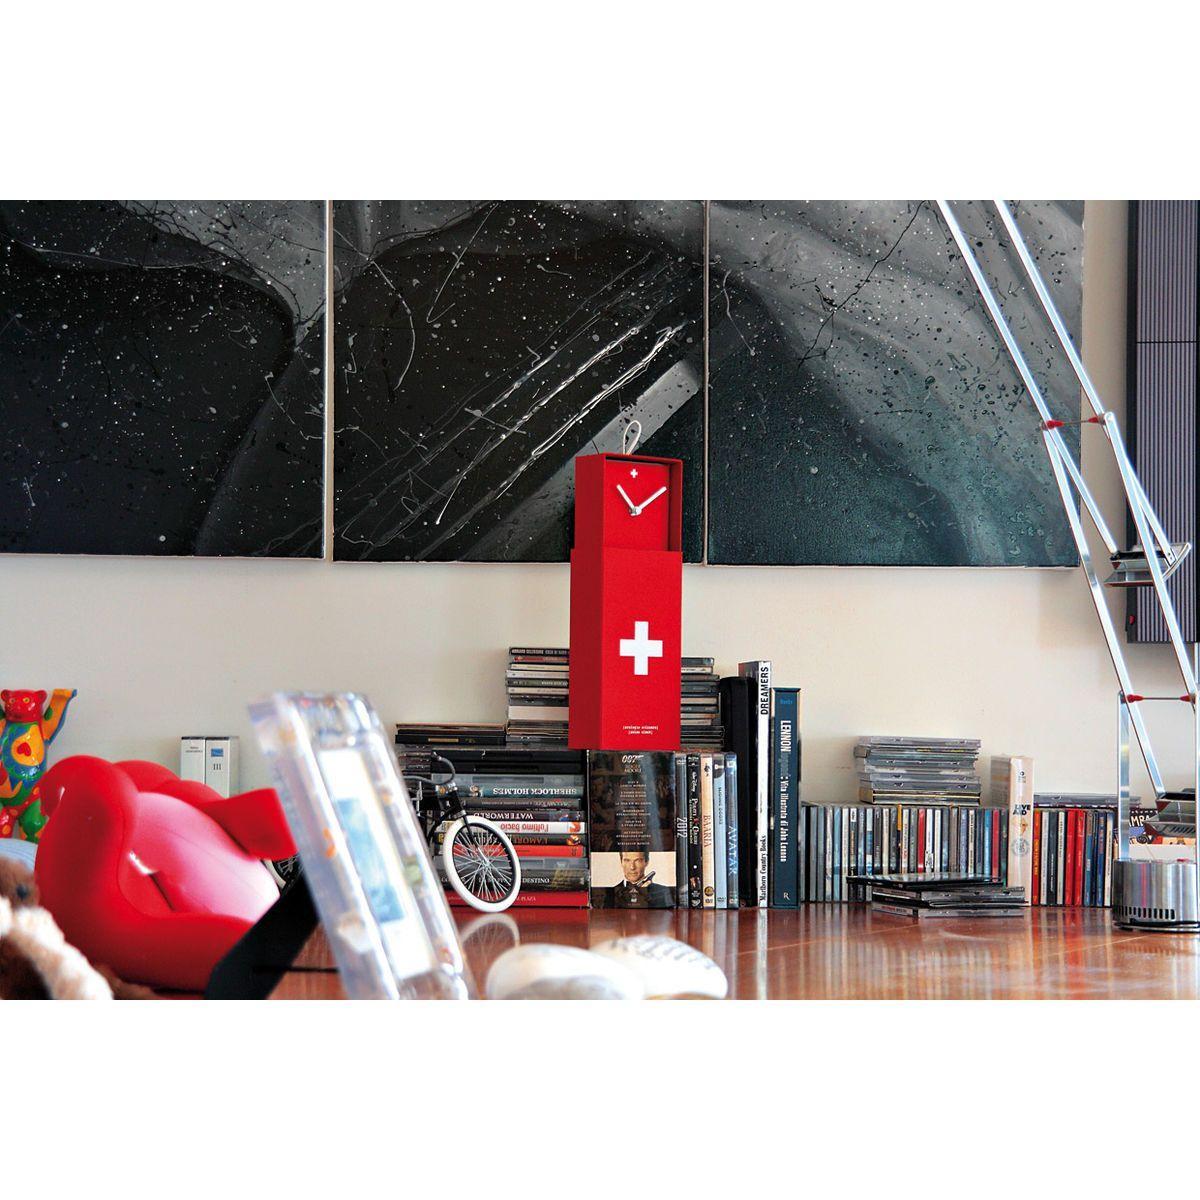 Orologio da parete o da appoggio racchiuso in scatola rettangolare rosso con croce bianca stile bandiera svizzera